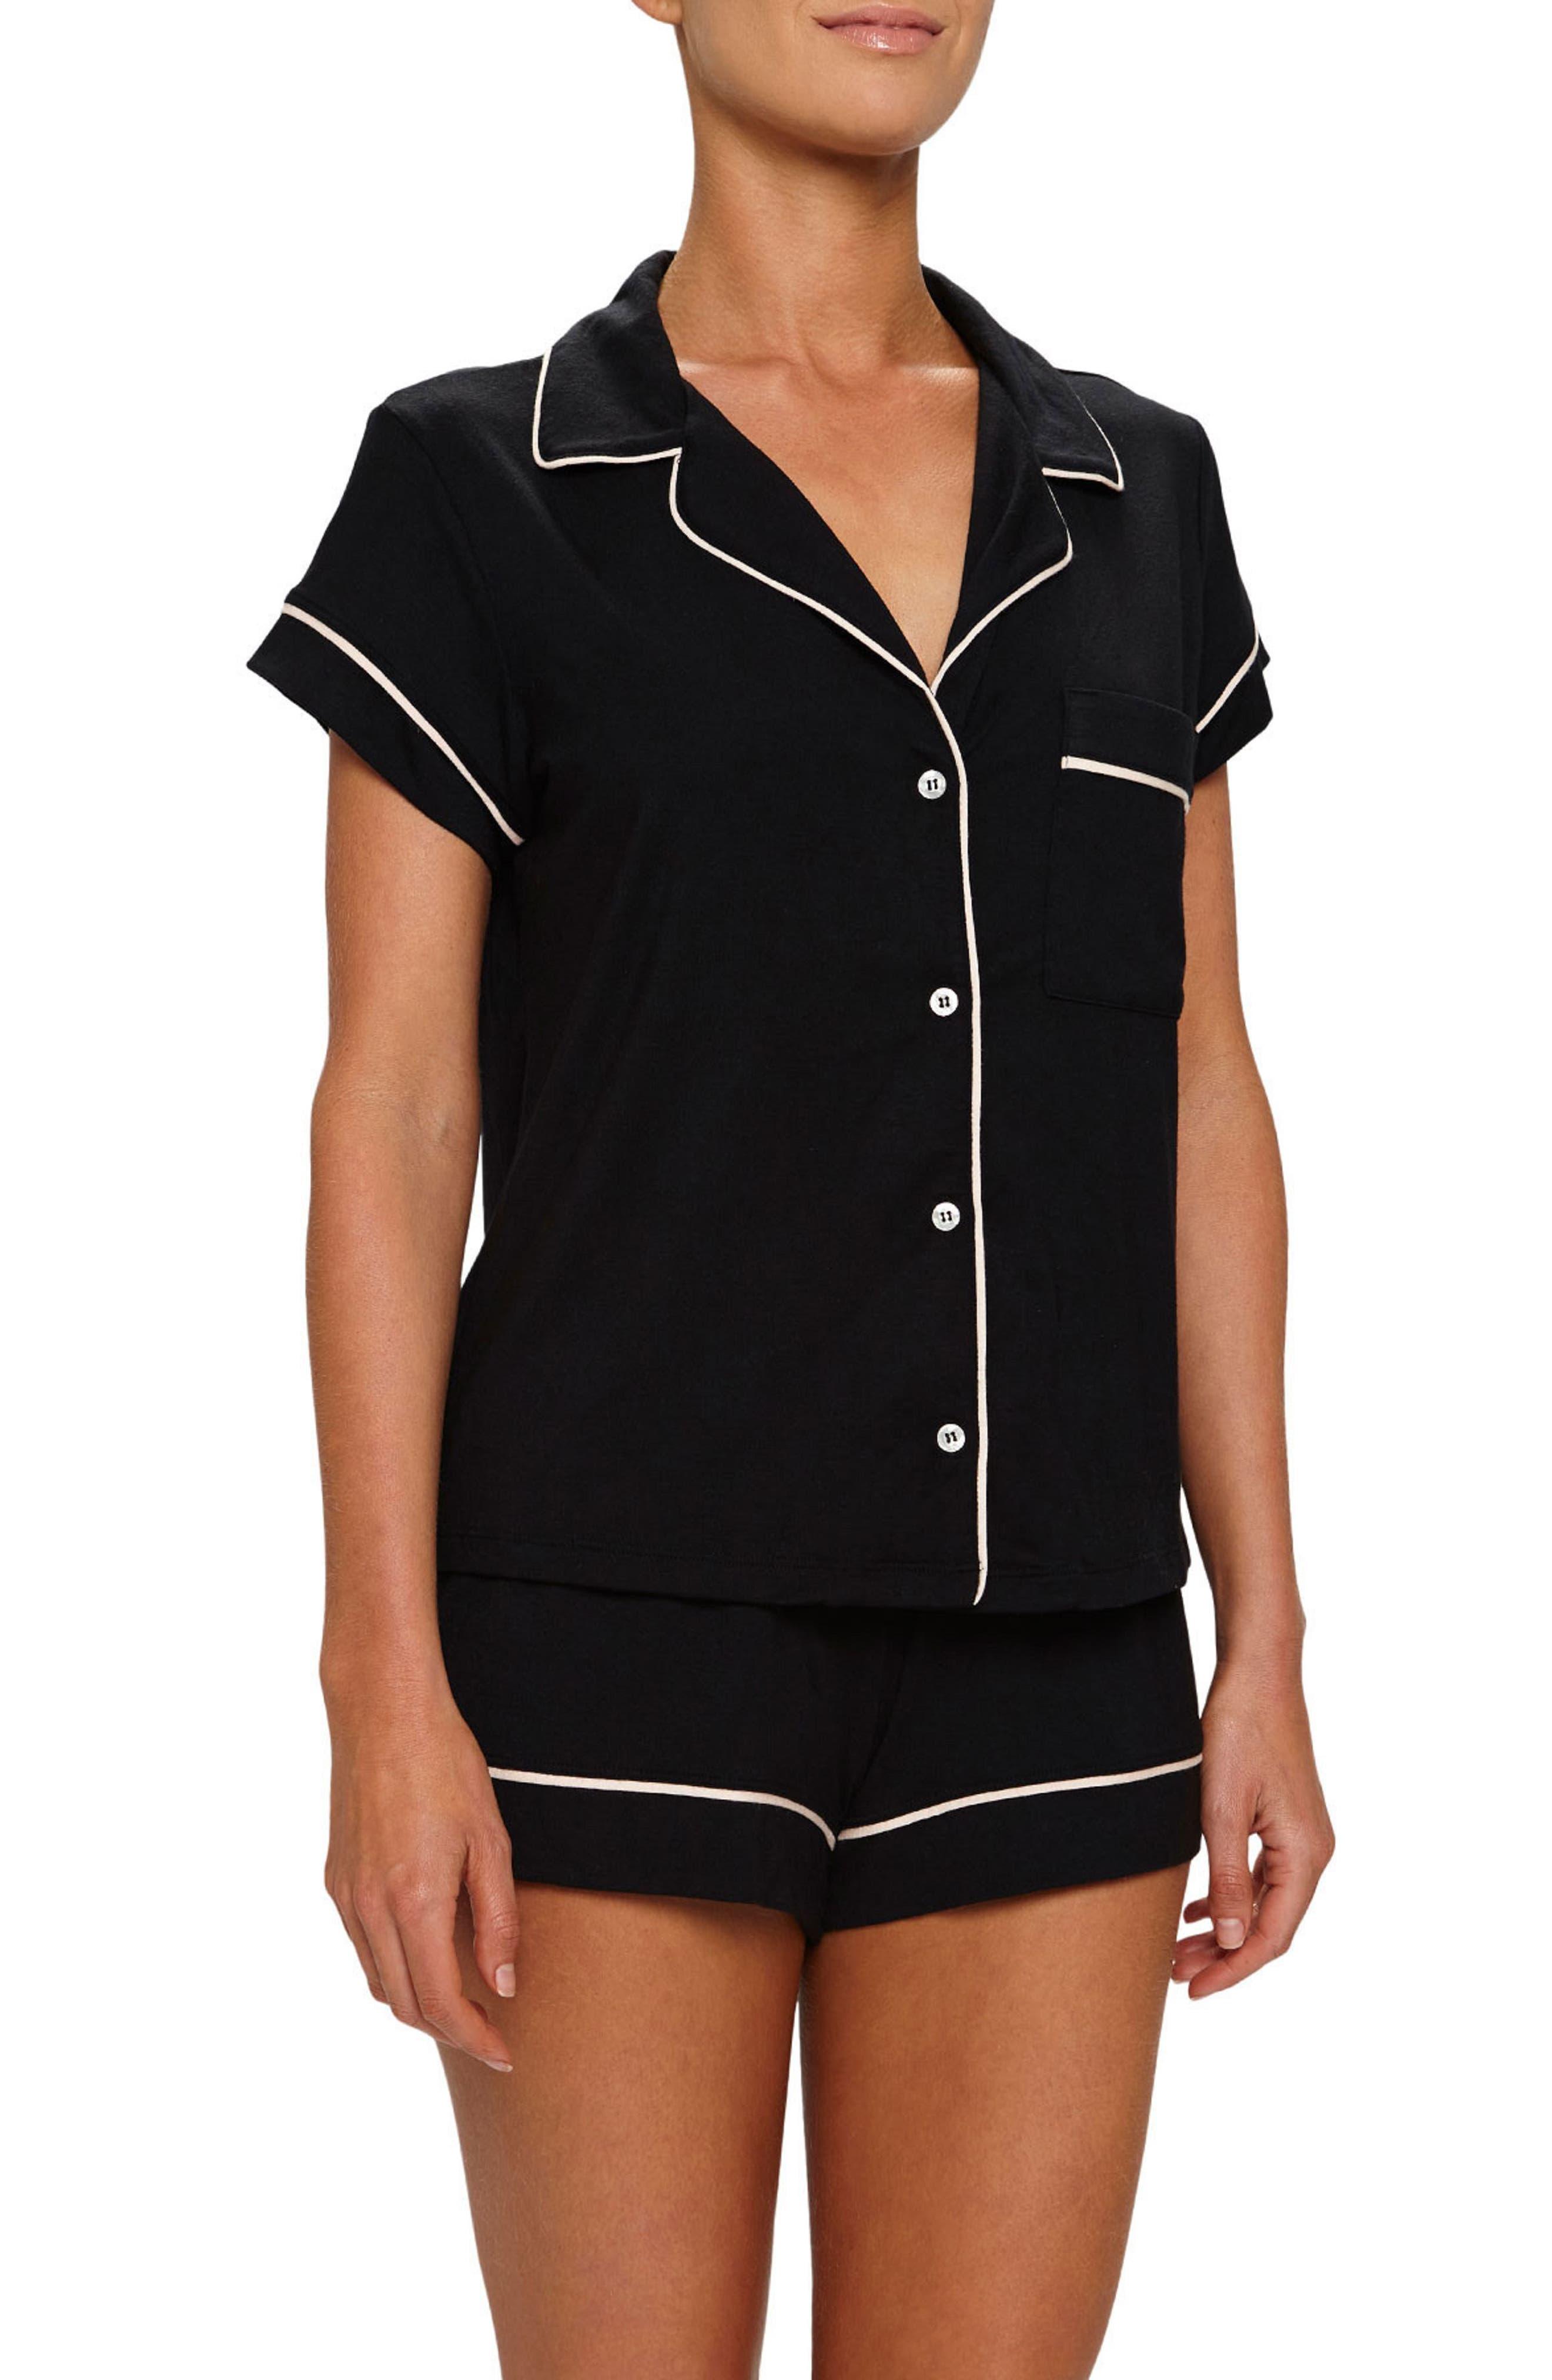 Alternate Image 1 Selected - Eberjey 'Gisele' Shorty Pajamas